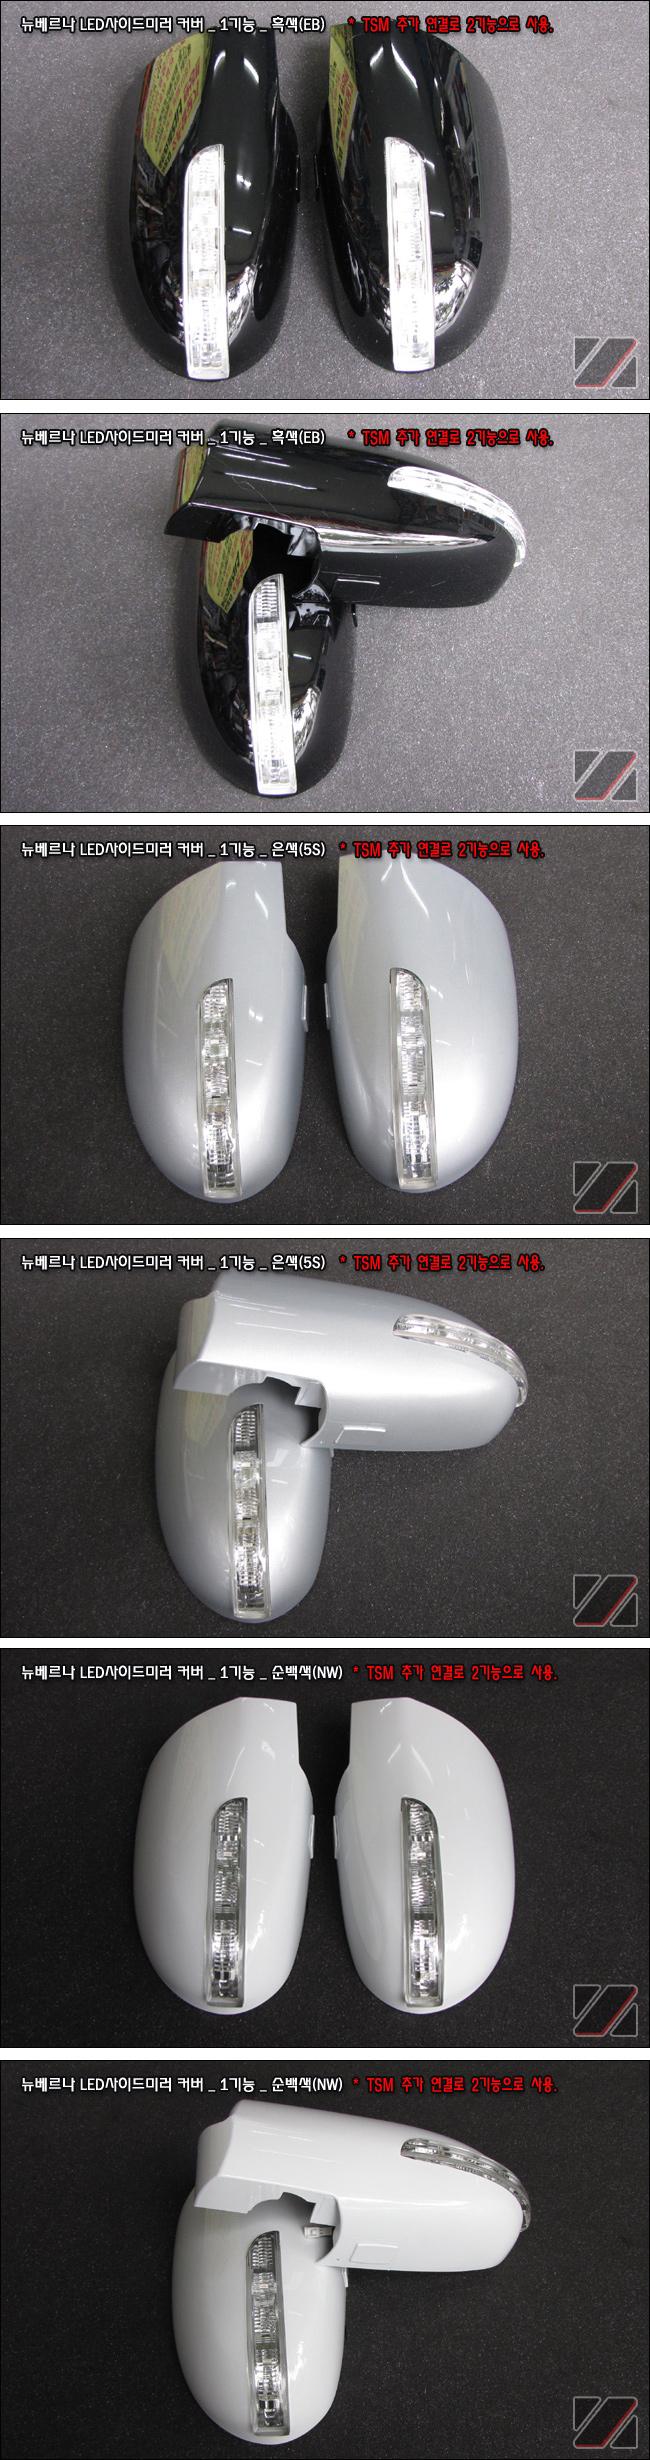 카미리 LED사이드미러커버세트, LED 사이드미러 커버, DIY키트